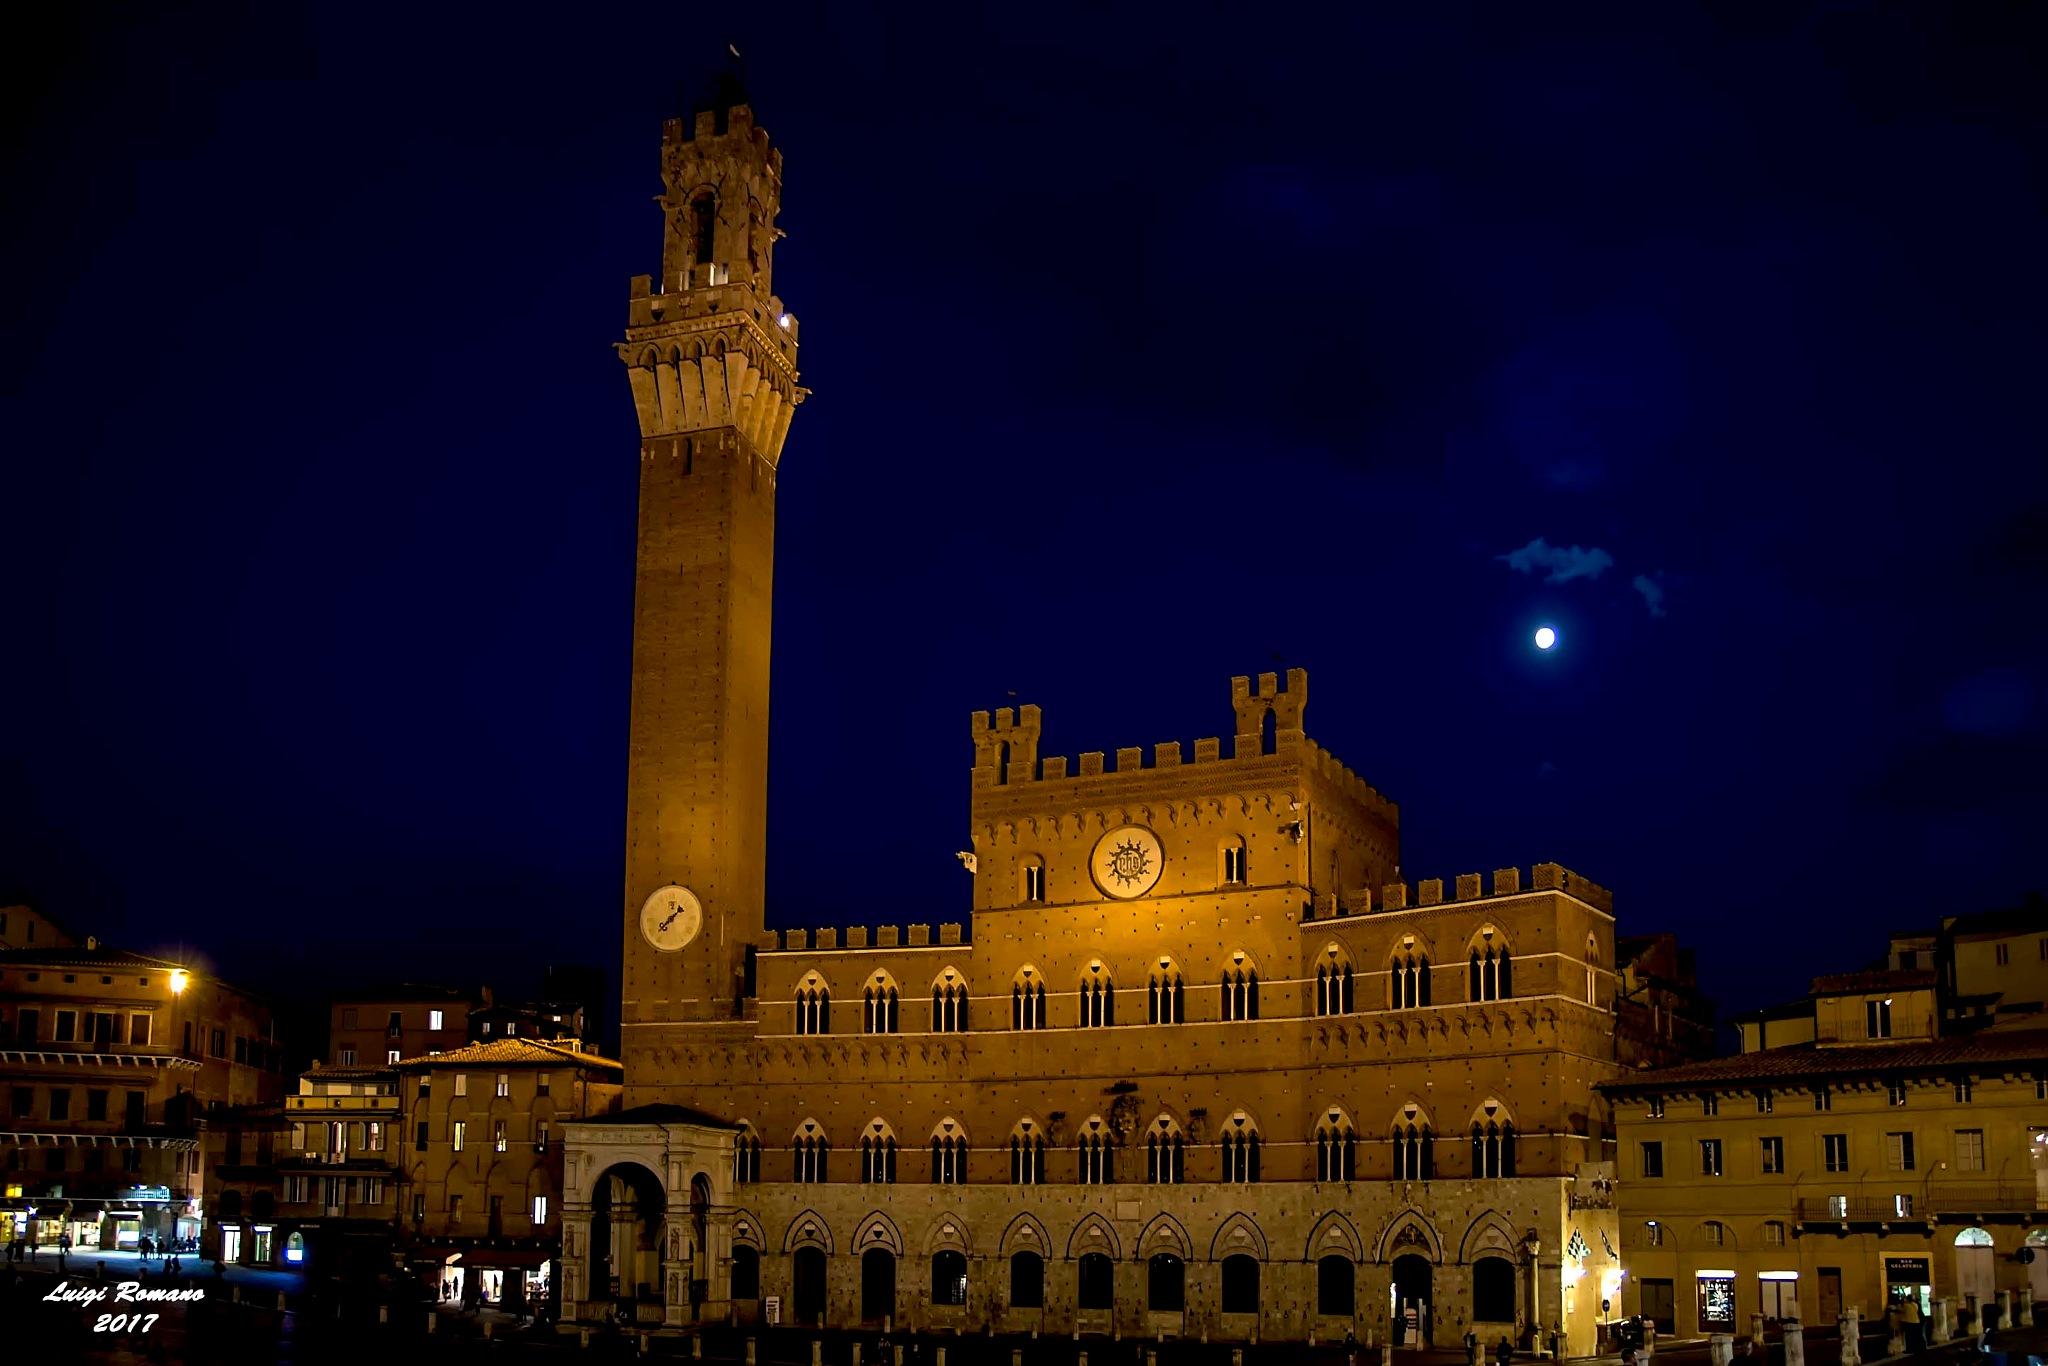 Palazzo Pubblico and the Torre del Mangia at night by Luigi Romano